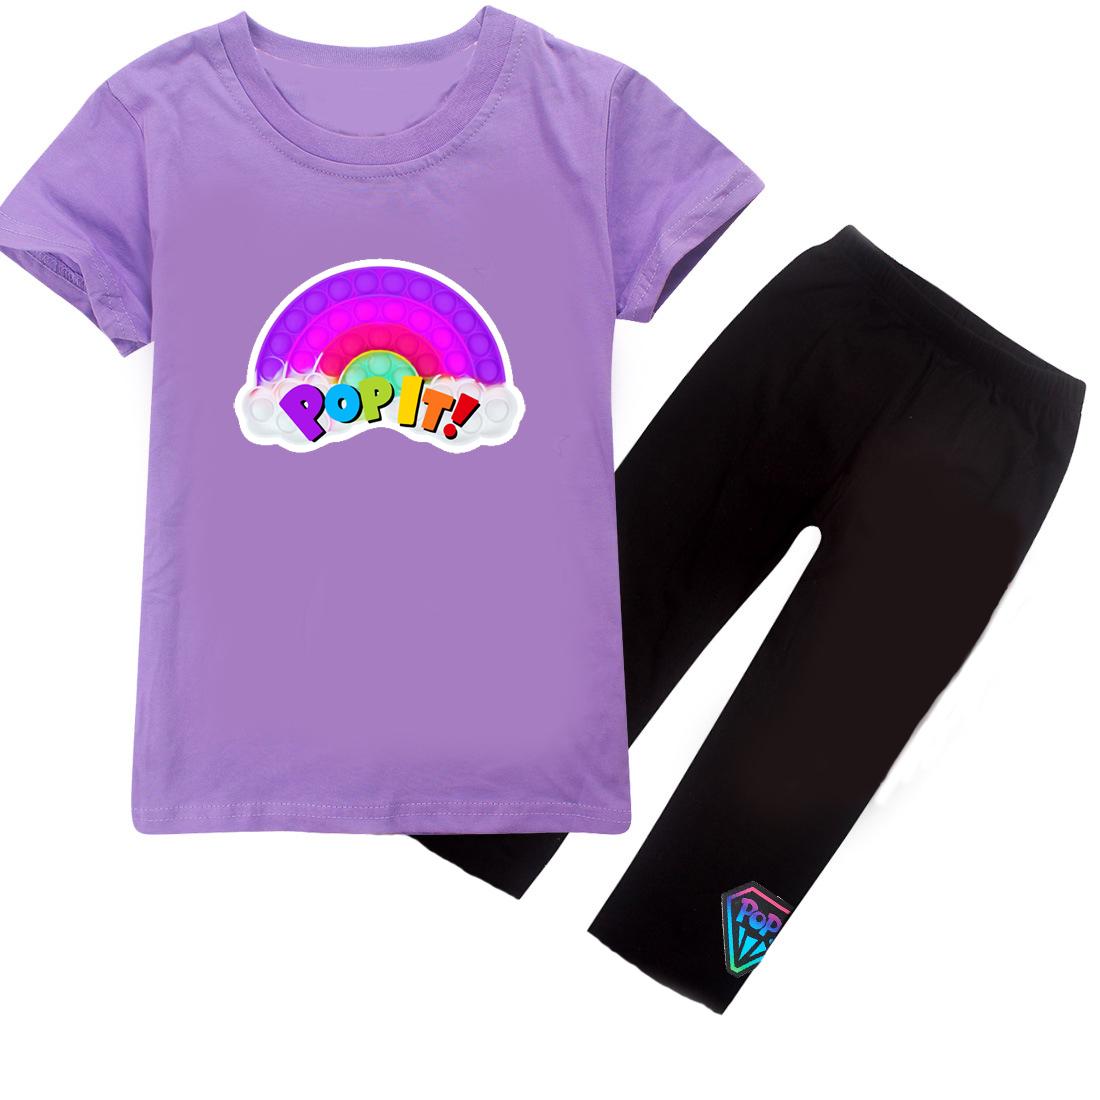 Комплект летний, для девочки, футболка и капри, SmileTime AntistreSS, лиловый